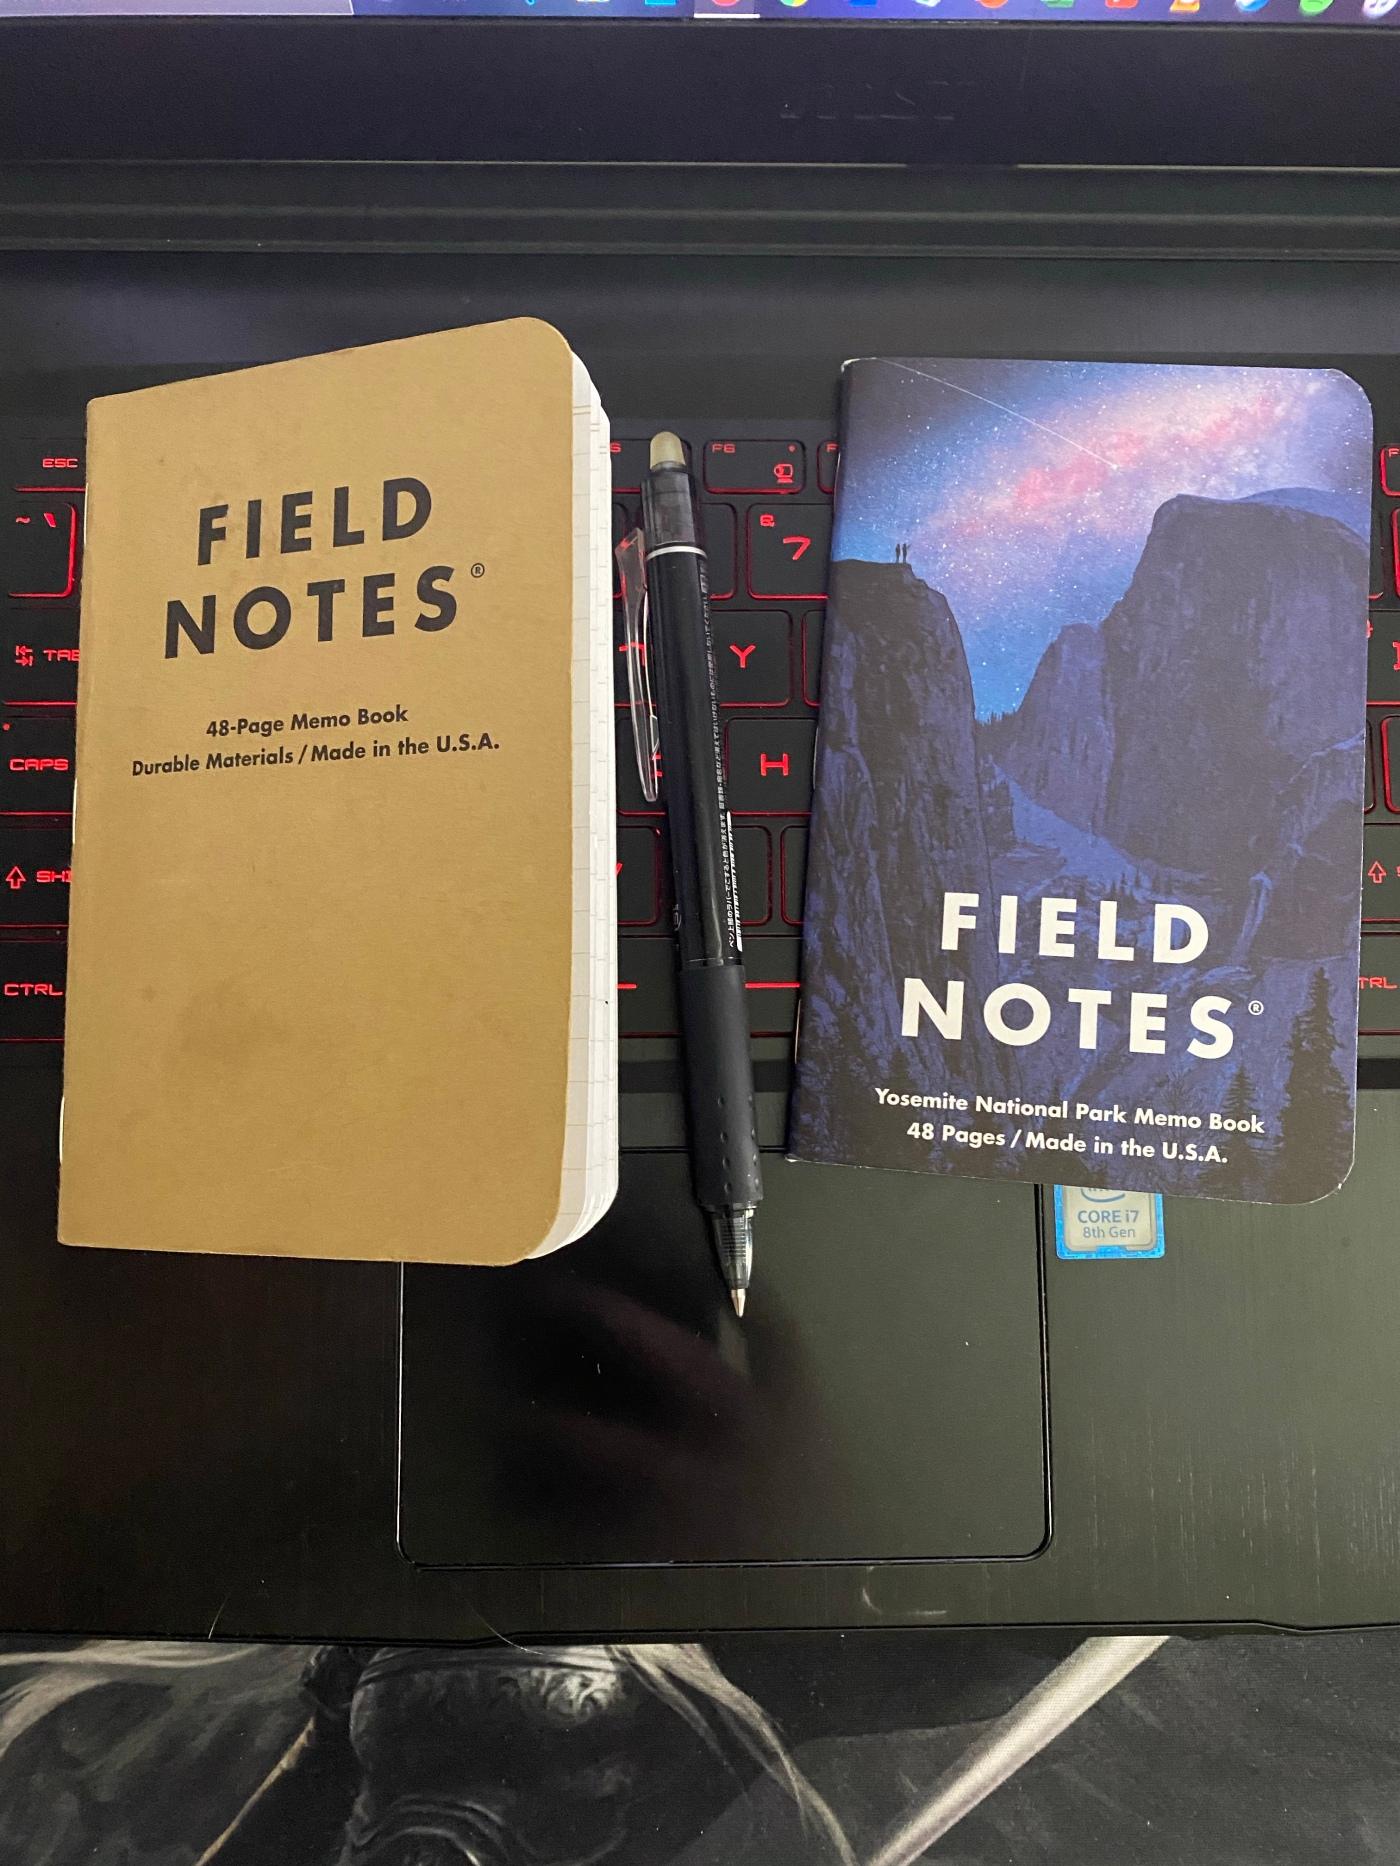 Field Notes Transfer